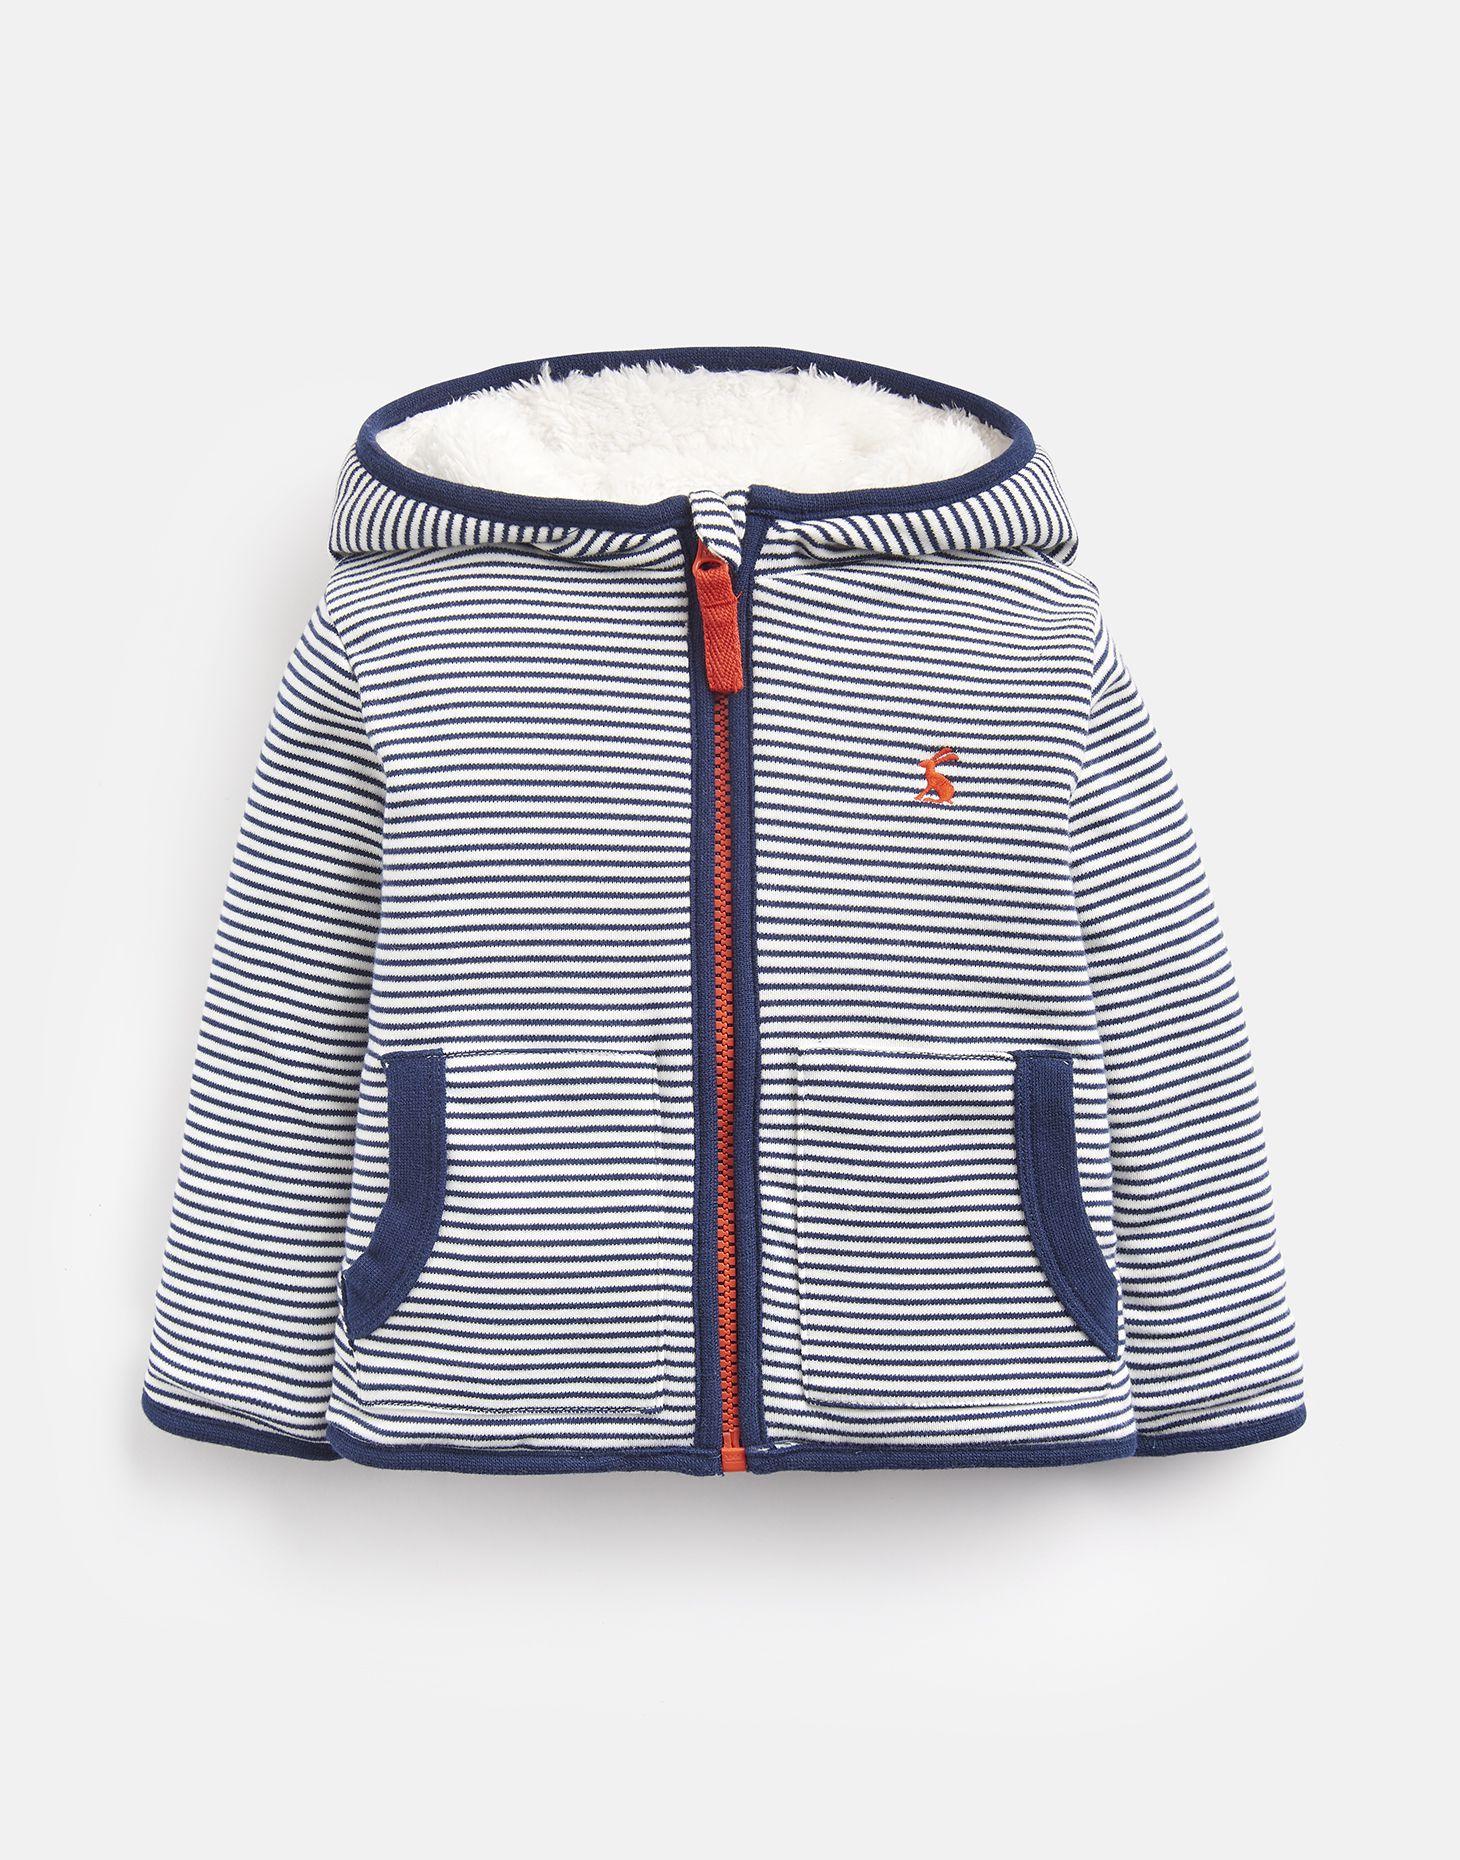 Joules 204676 Fully Reversible Fleece Jacket in NAVY STRIPE